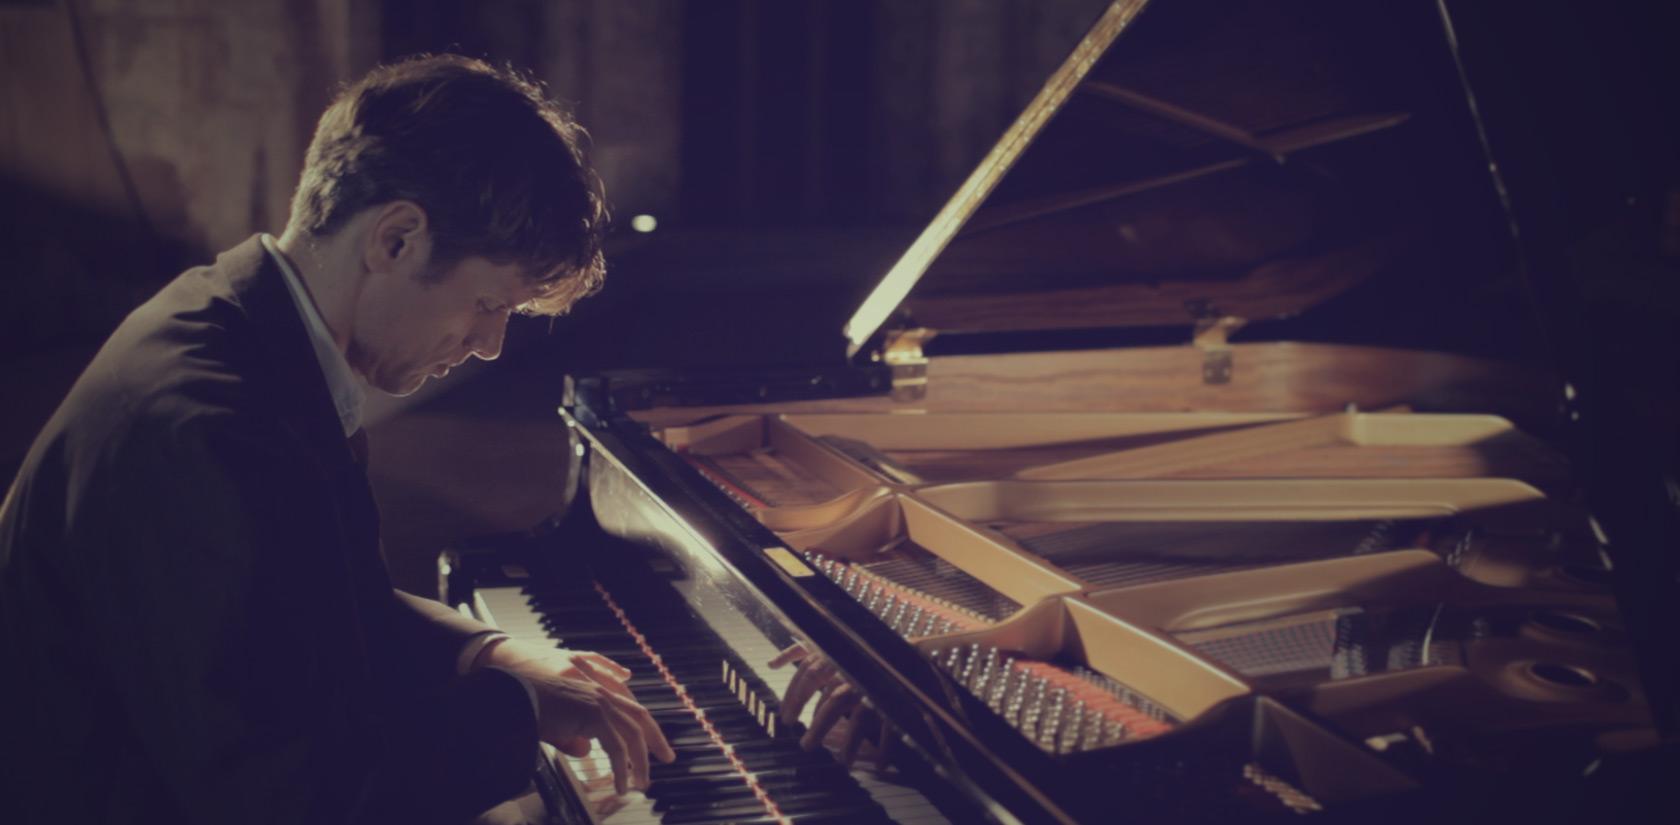 Ralf Schmid piano player